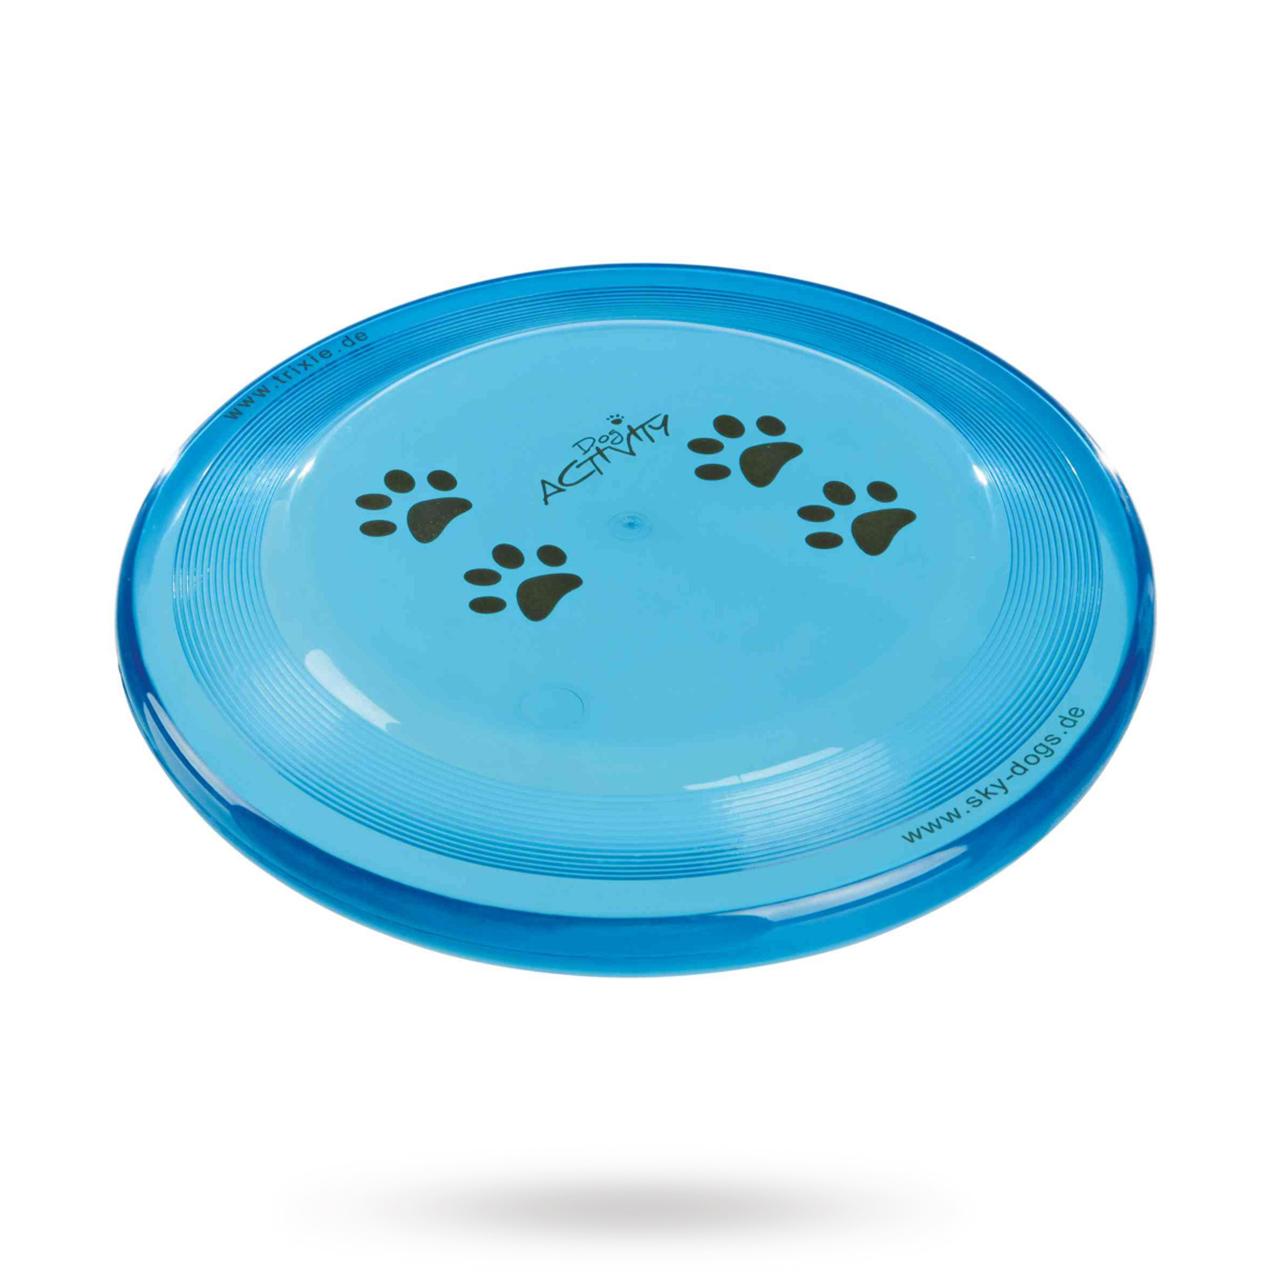 Bittålig Frisbee Plast ø19 cm